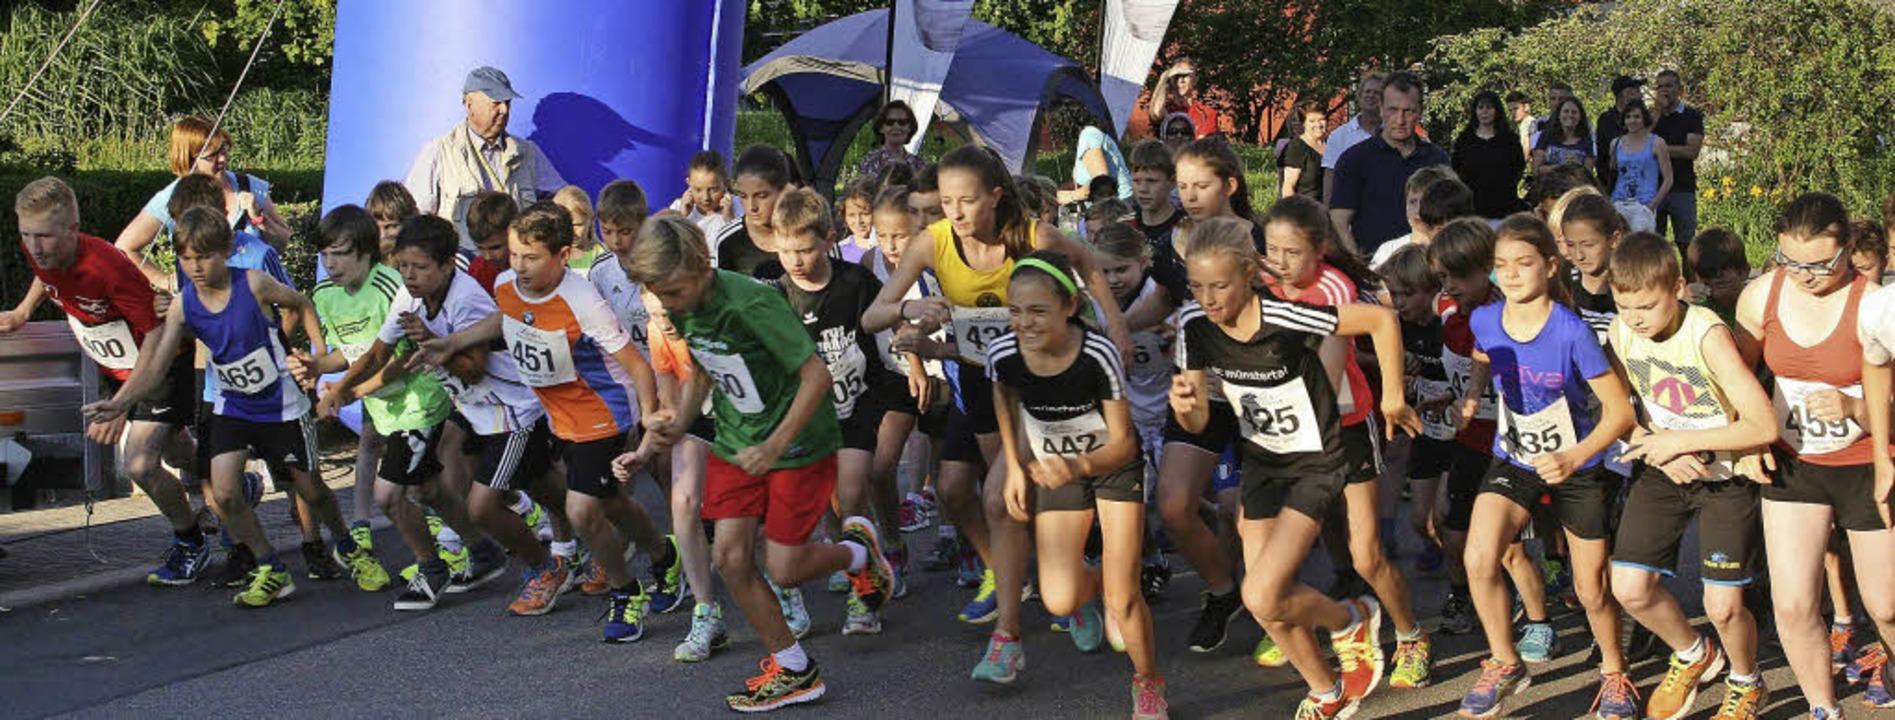 Rund 70 Kinder und Jugendliche kämpfte...Kilometer langen Strecke um den Sieg.     Foto: Martina Faller